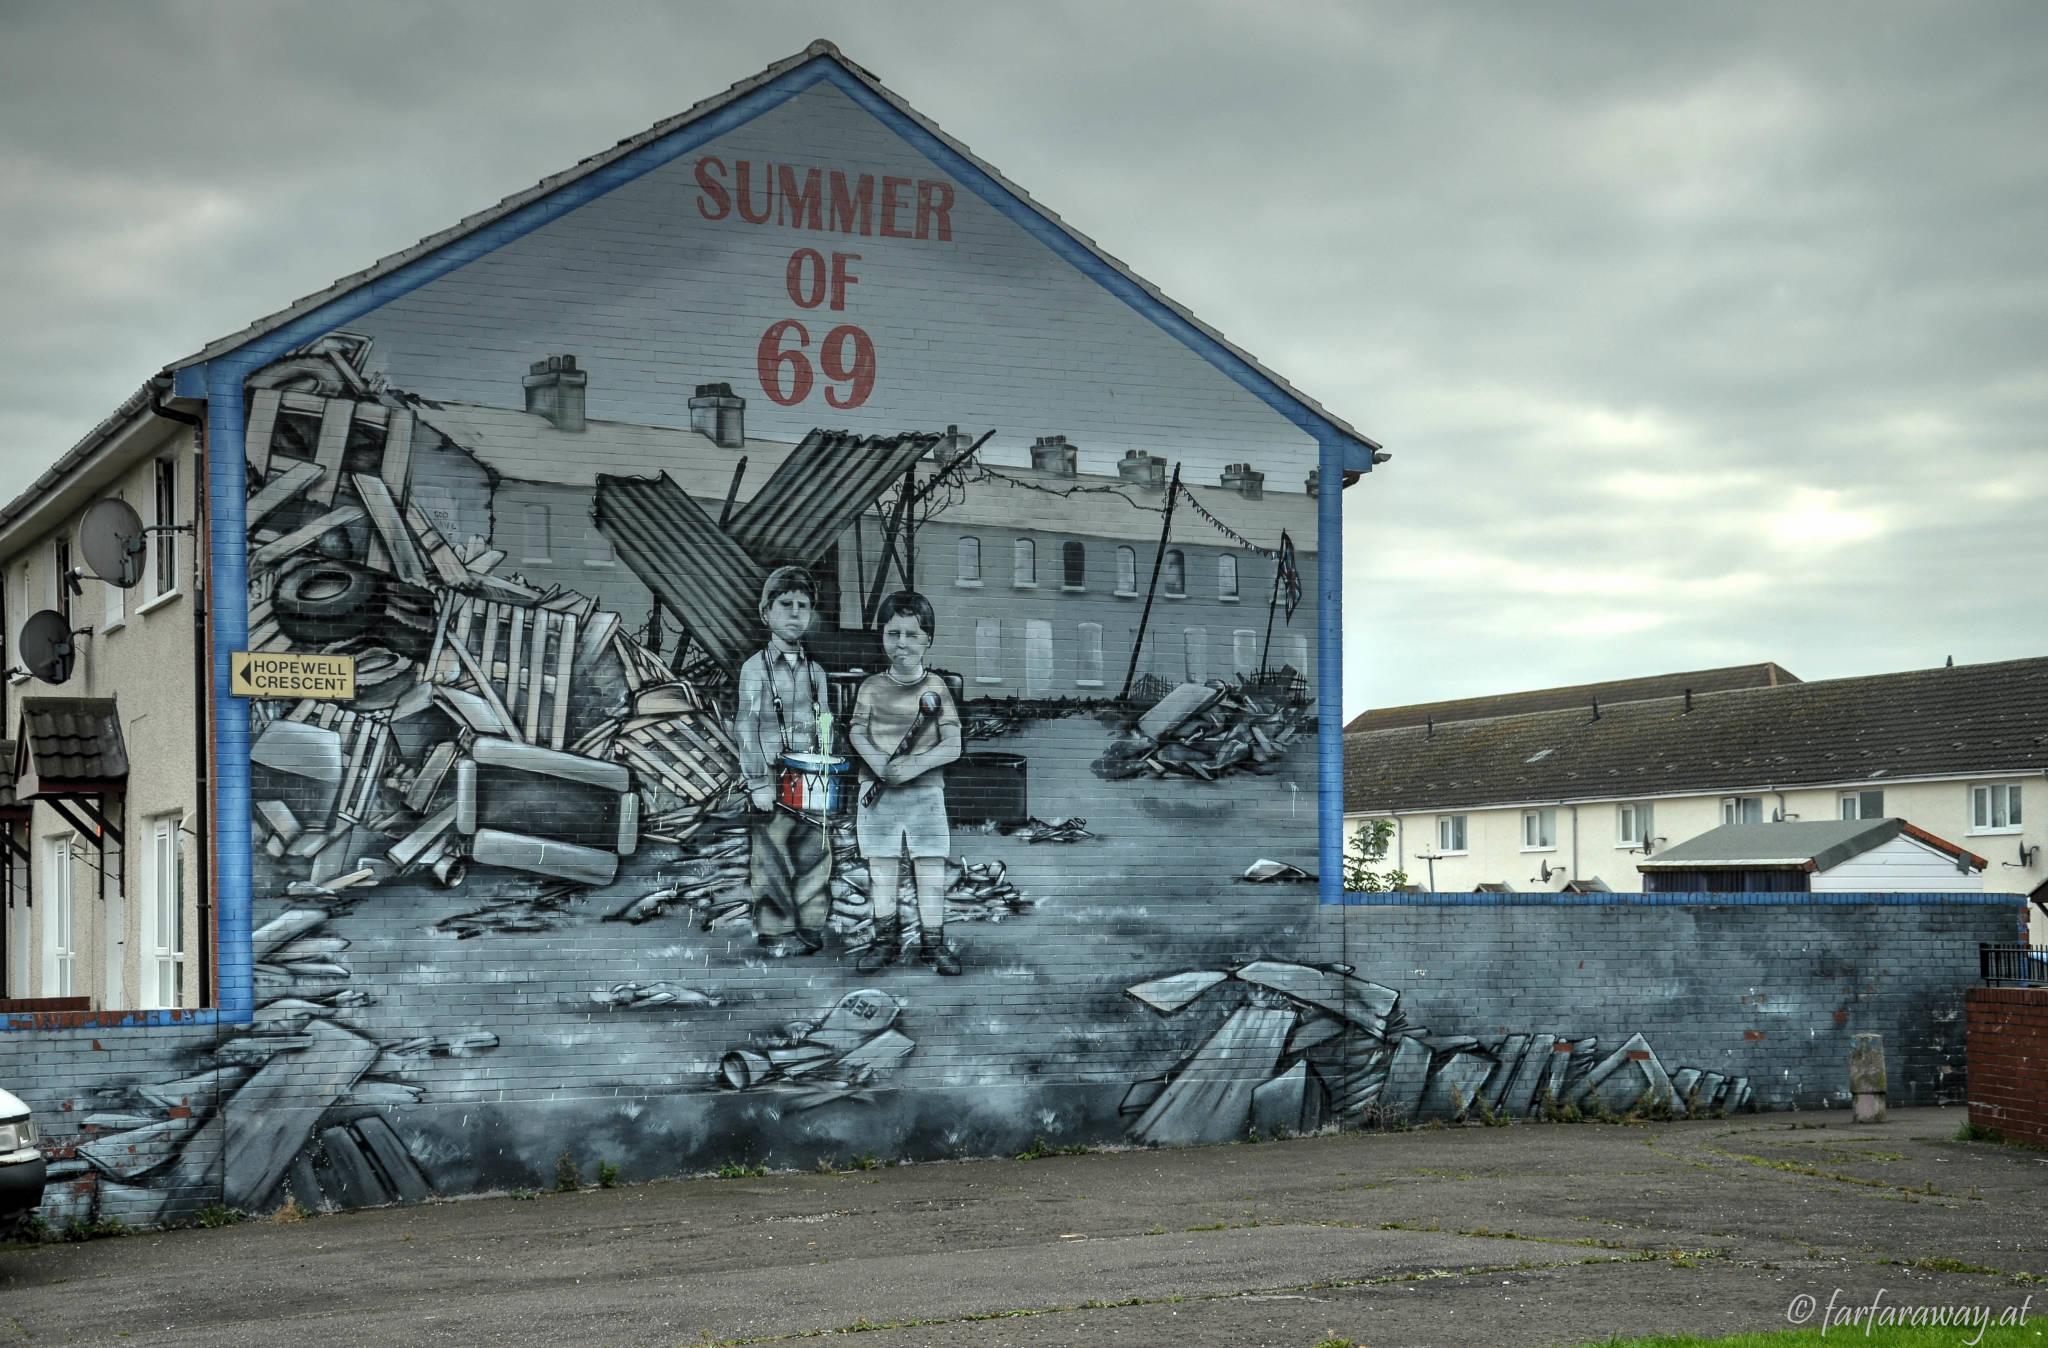 Eines der Murals in Belfast - Summer of 69